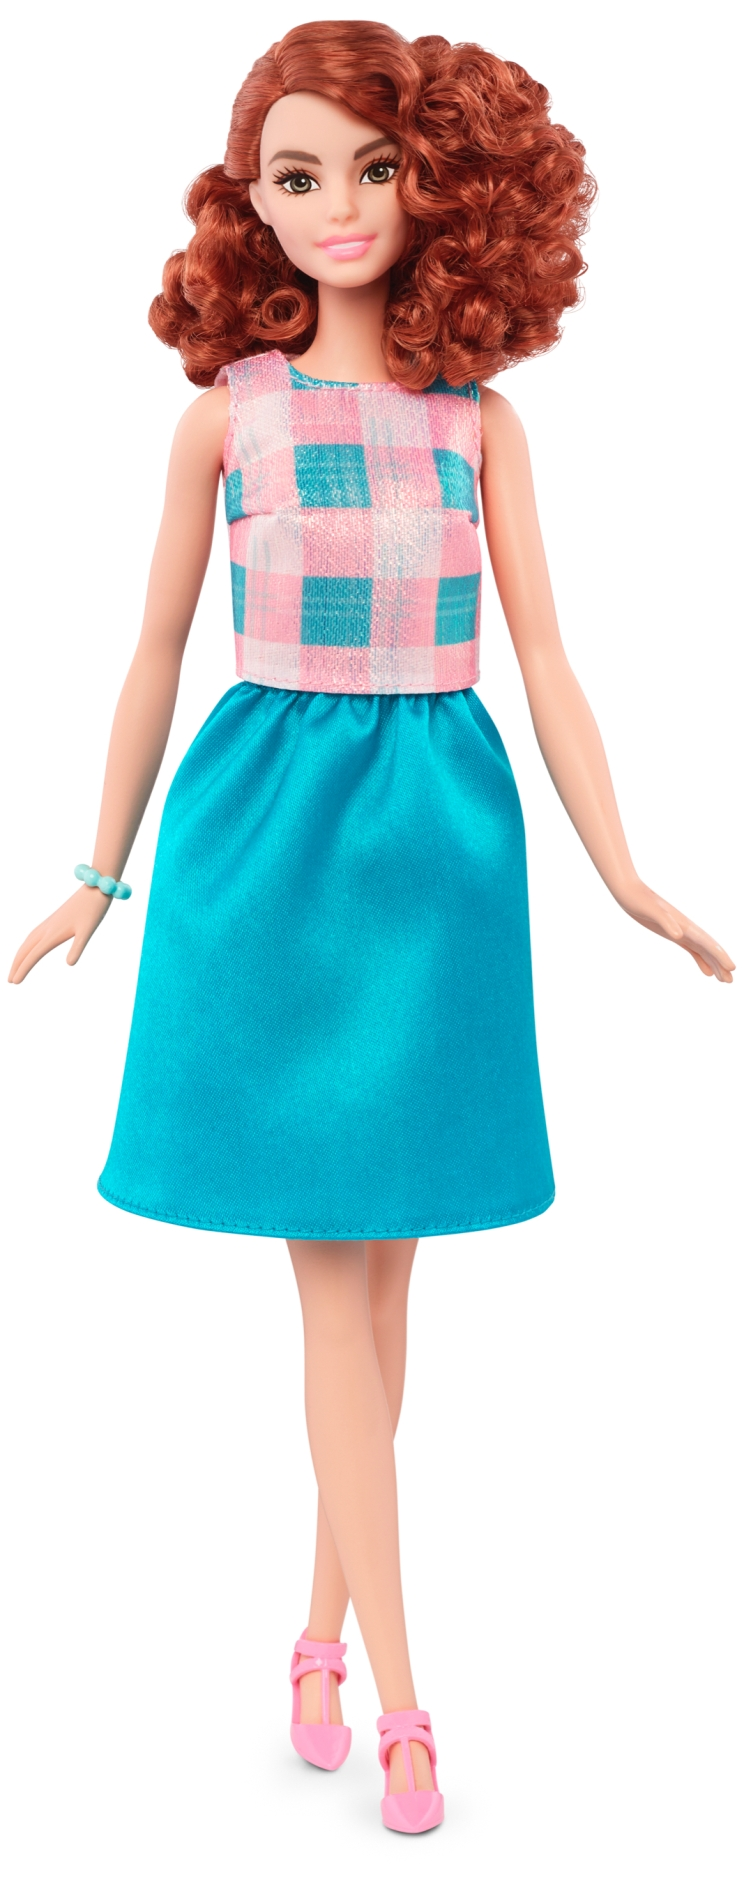 Tall Terrific Teal | Crédito da imagem: divulgação Mattel | www.barbie.com